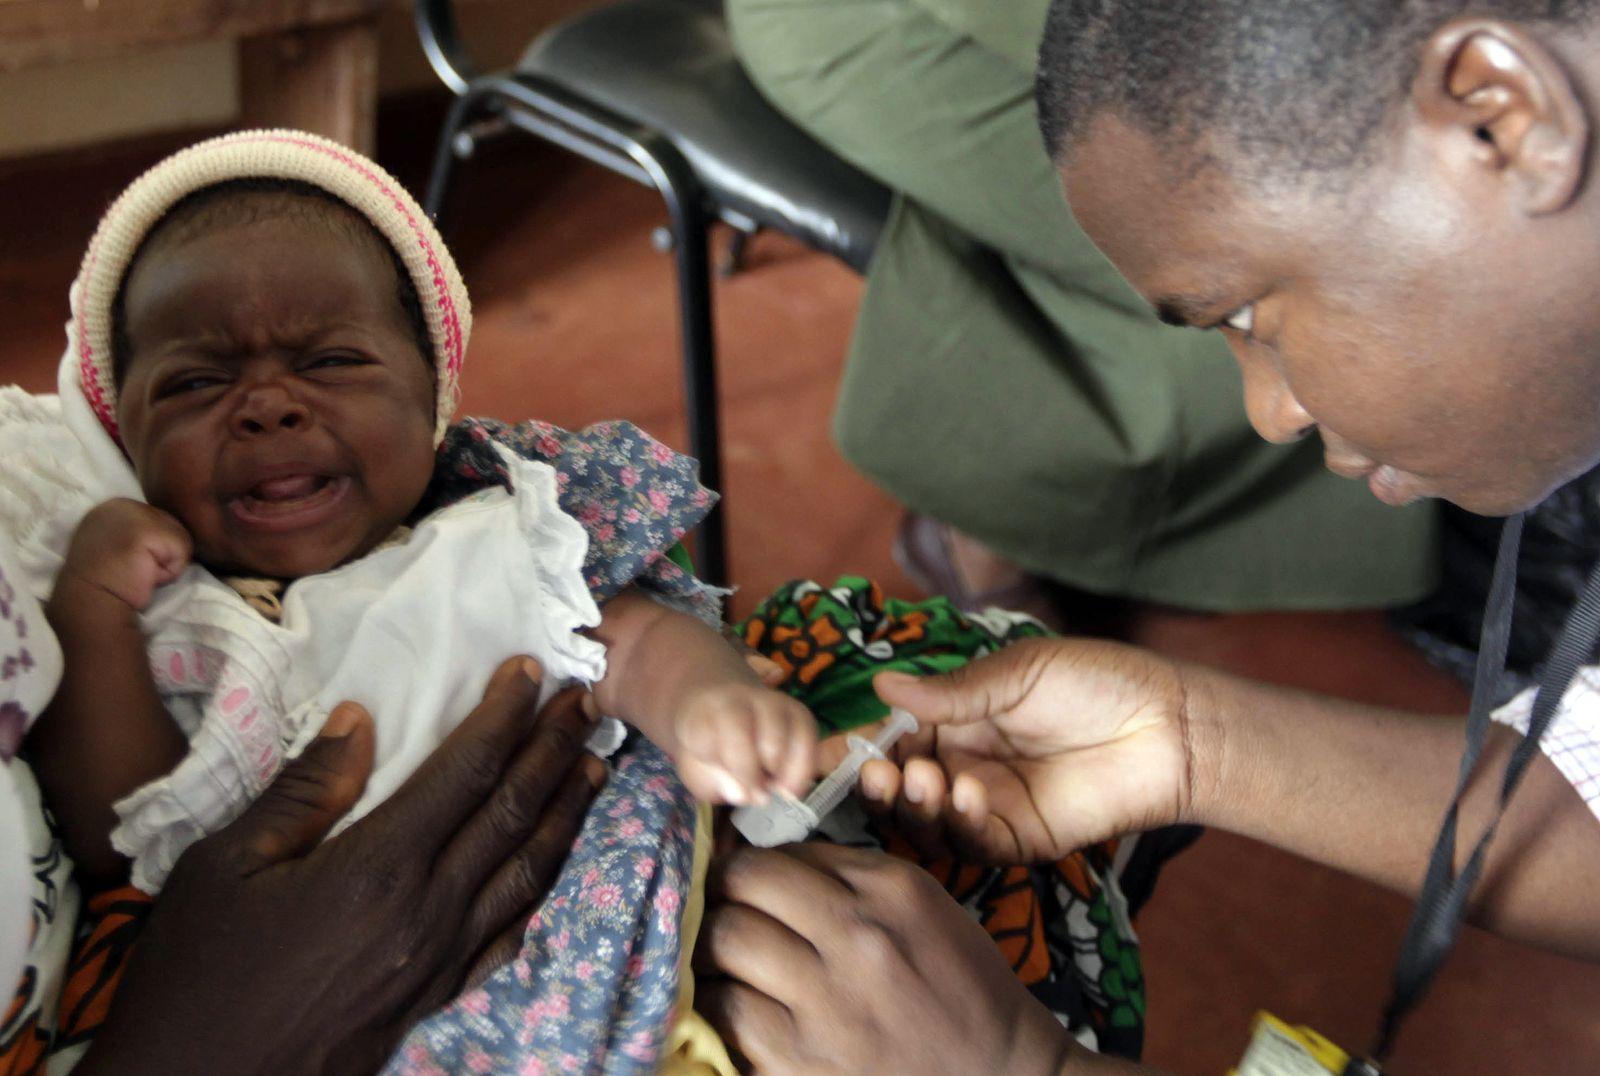 Malaria / Impfstoff / Kenya